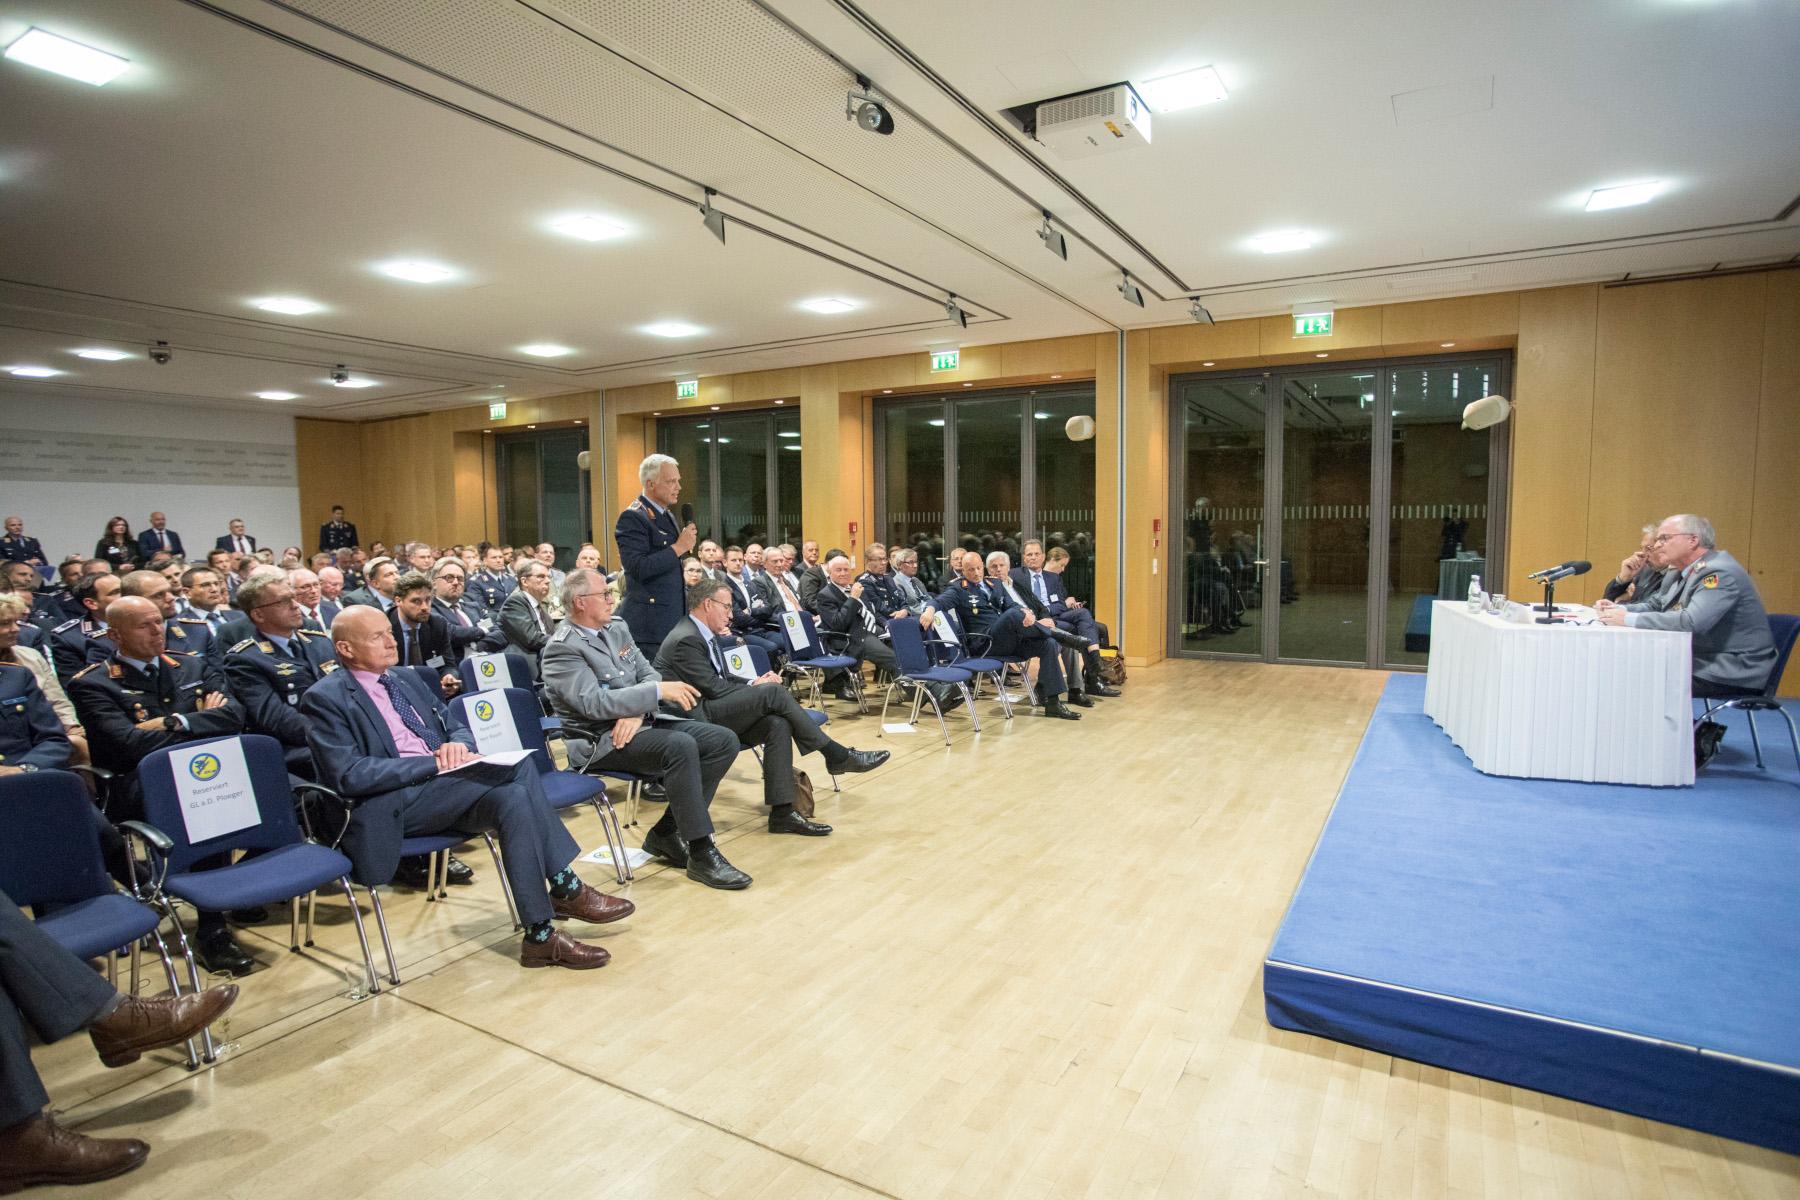 Die Rede des Generalinspekteurs der Bundeswehr sorgte für lebhafte Diskussionen.